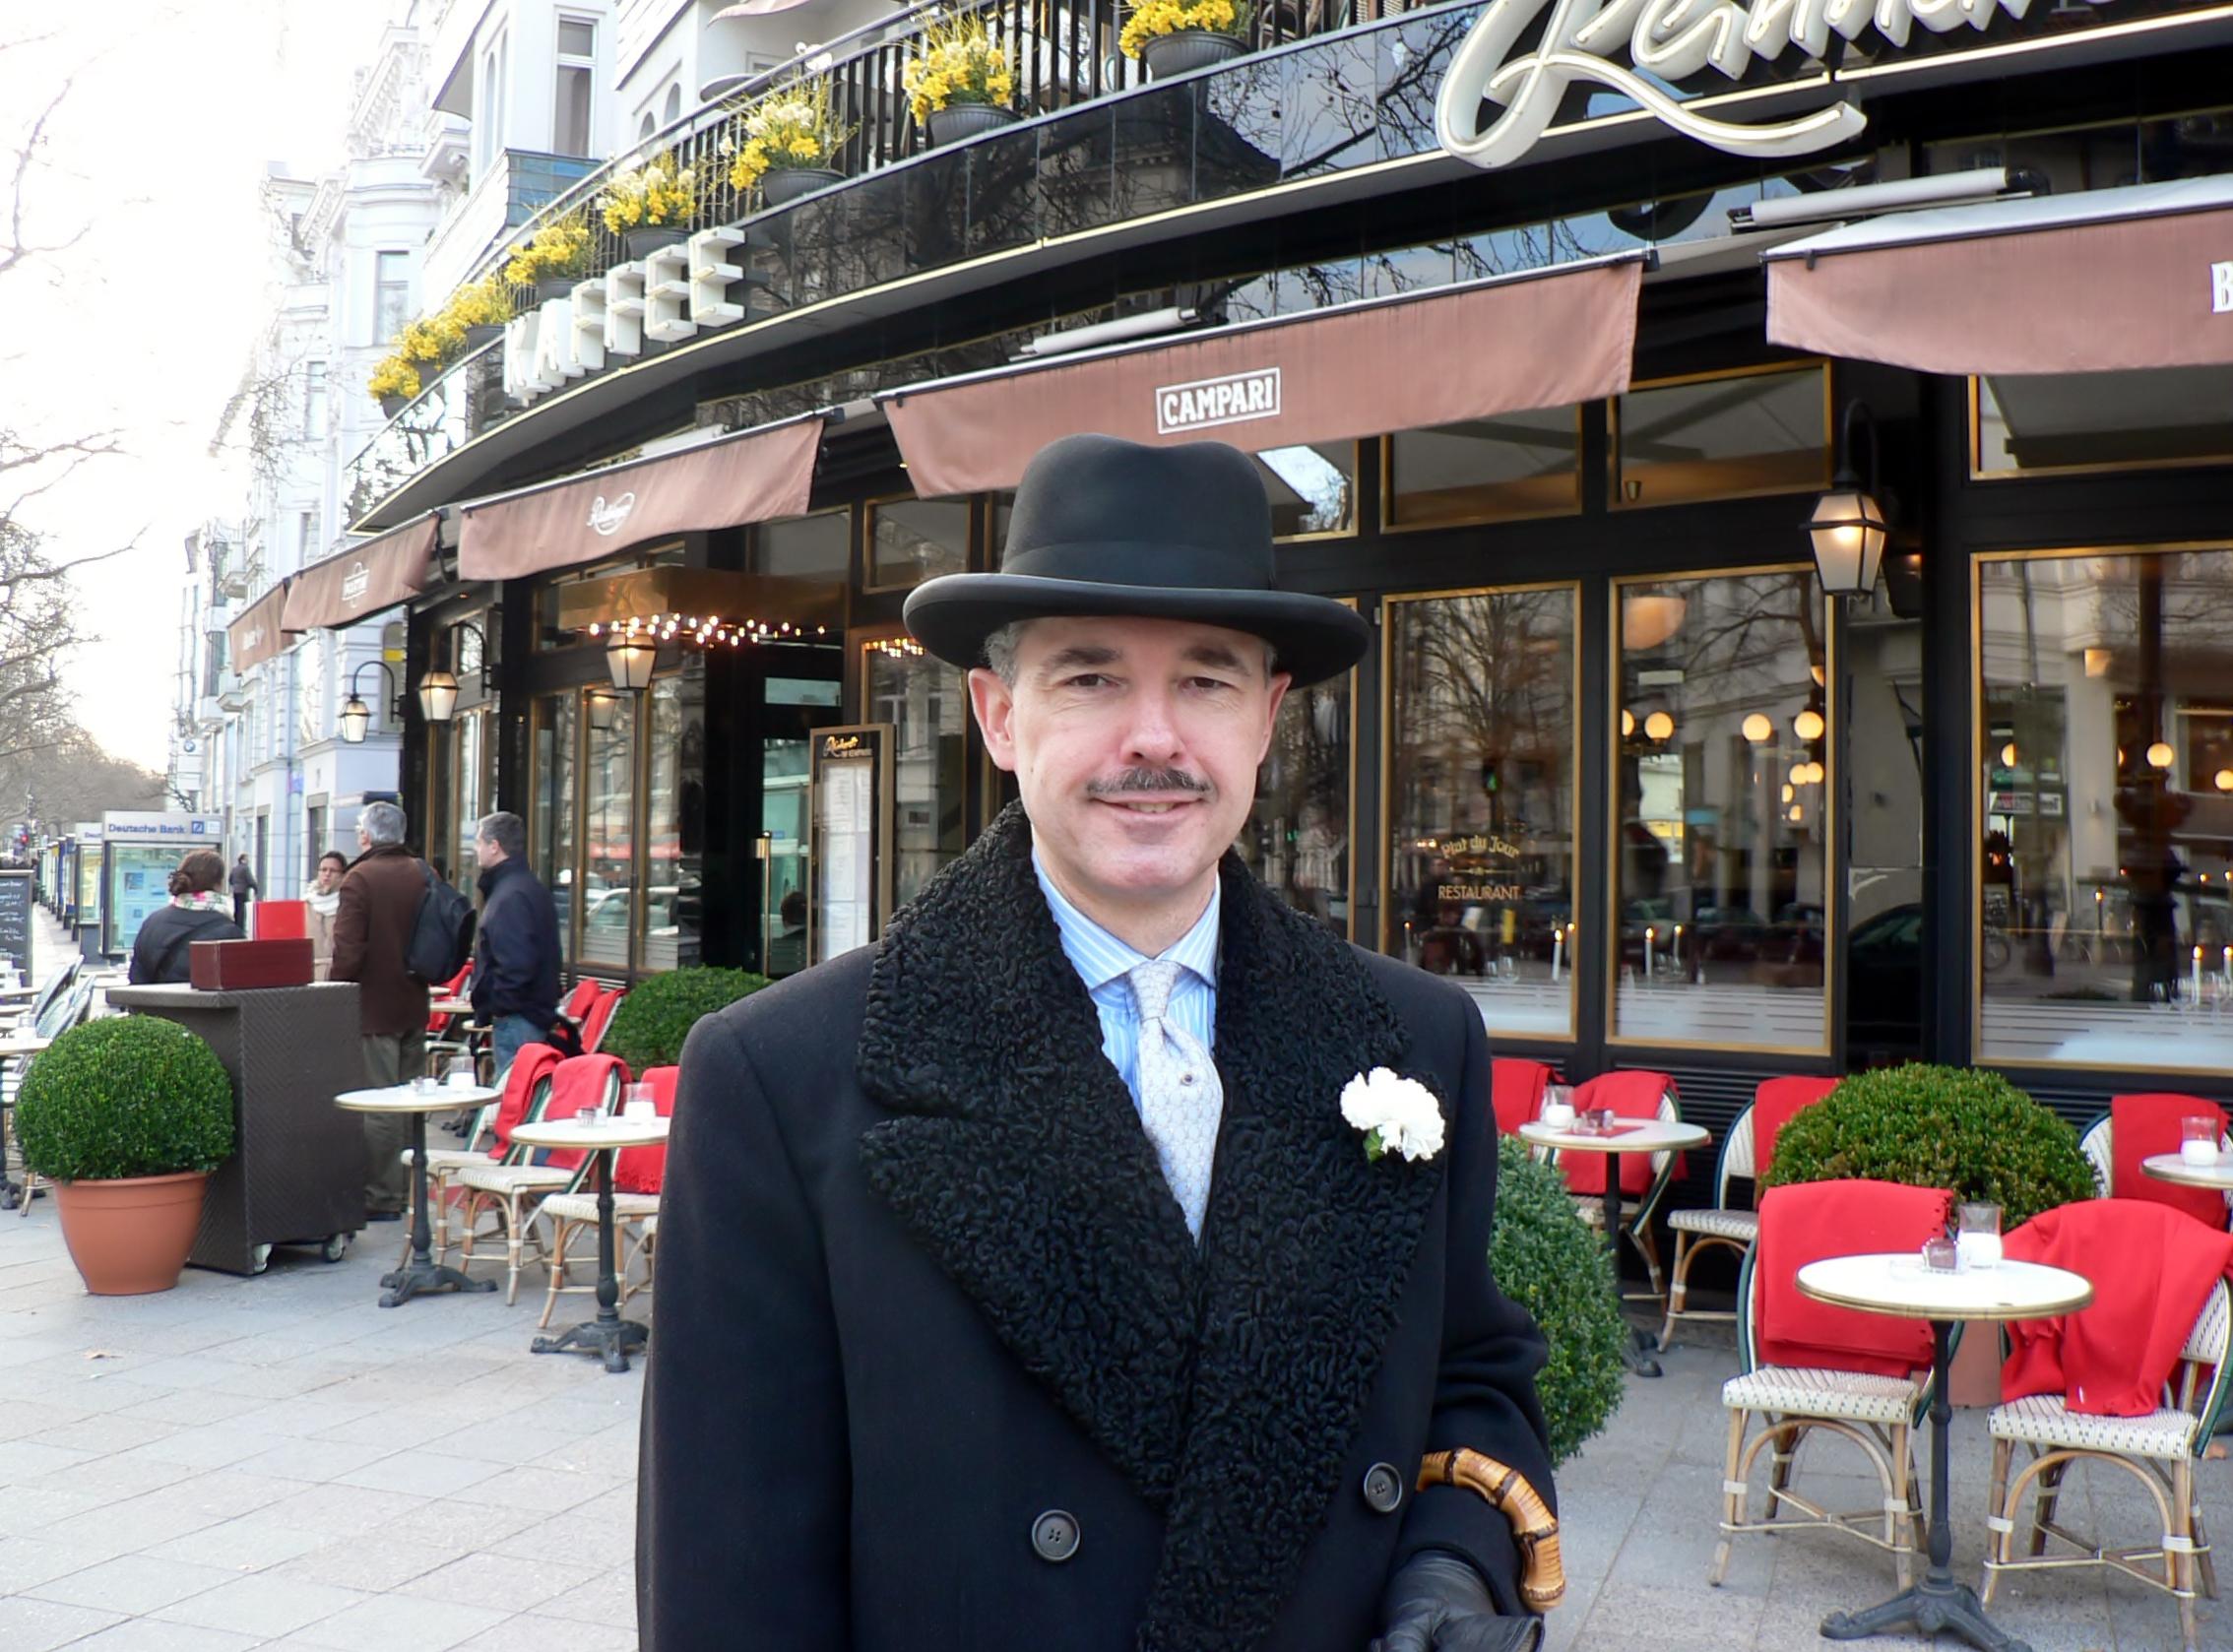 Henry de Winter, der Gentleman mit einer weißen Nelke am Revers, singt unvergessliche Schlager und ist eine Augenweide